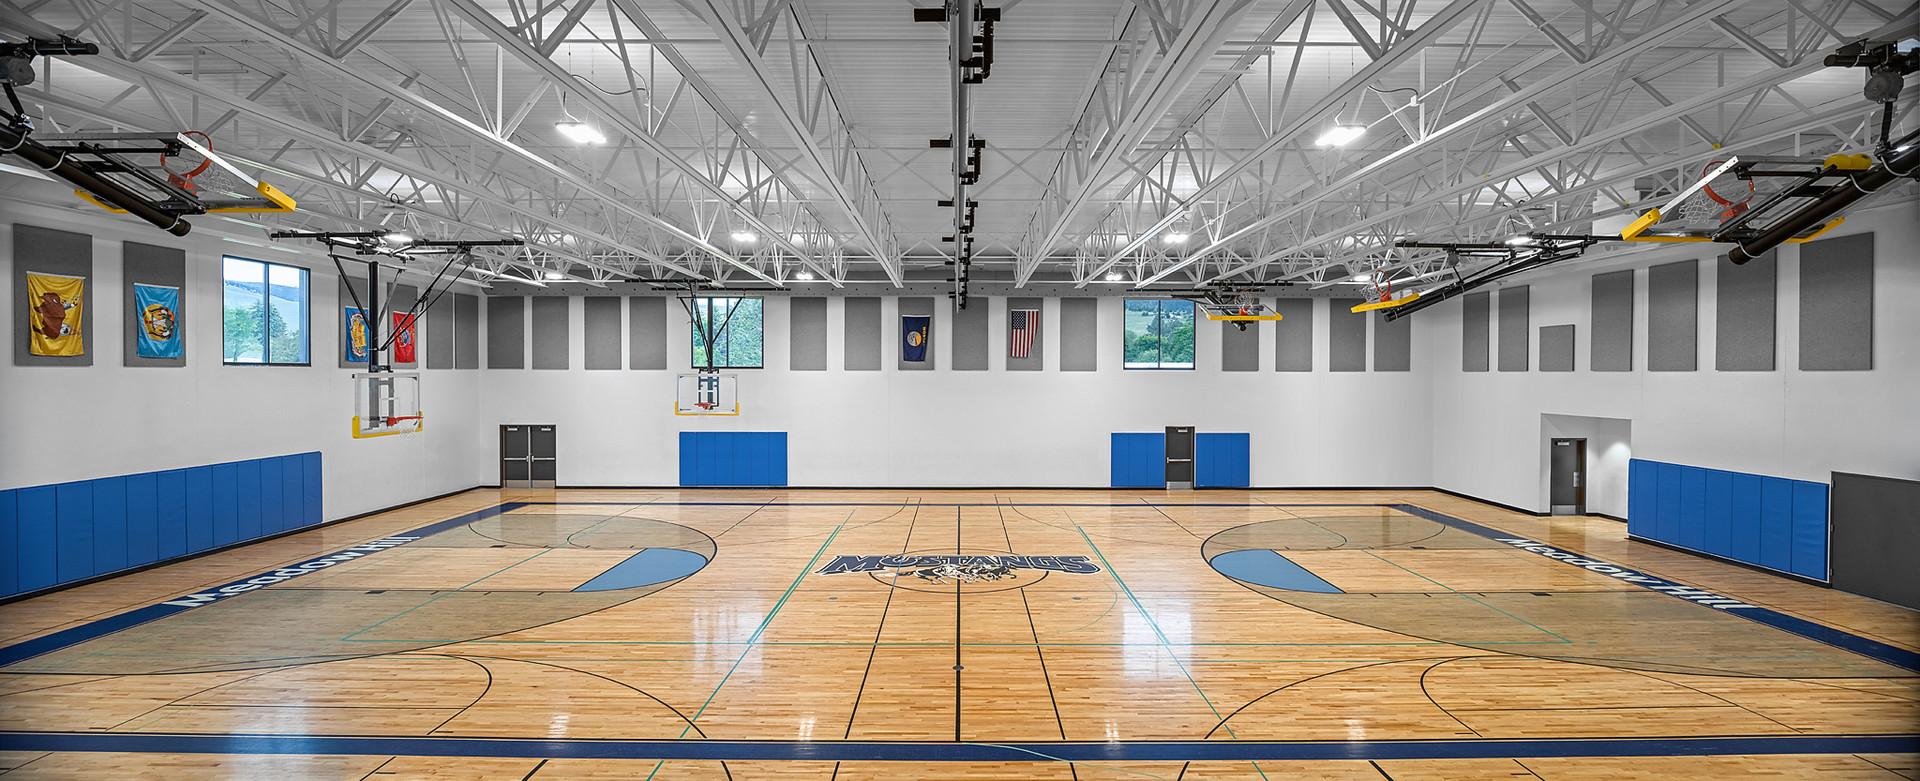 Meadow-Hill-Elementary-School---Low-Reso